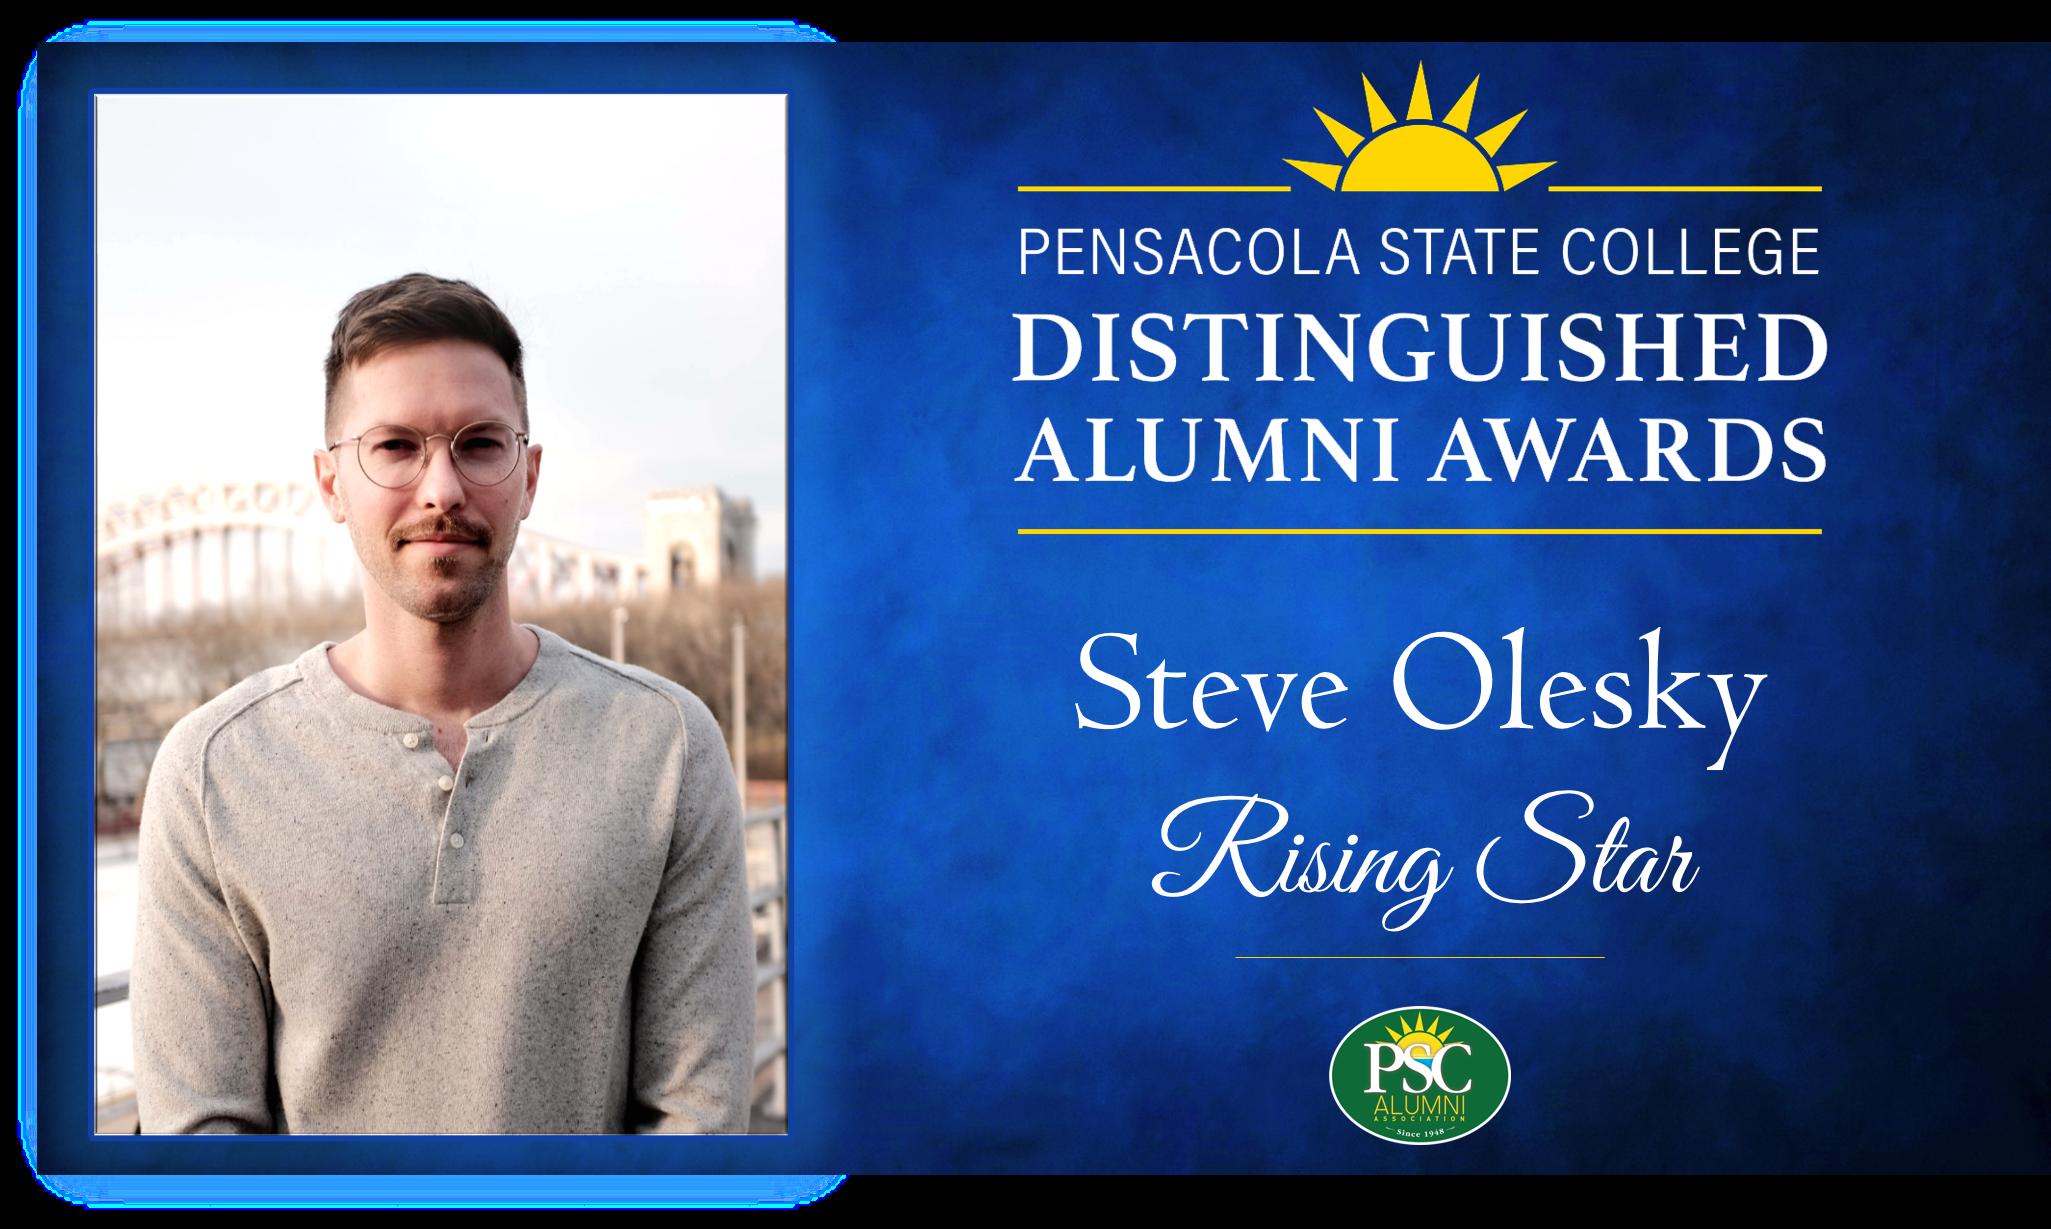 decorative image of olesky , The 2019 Distinguished Alumni Awards 2019-05-06 10:19:29